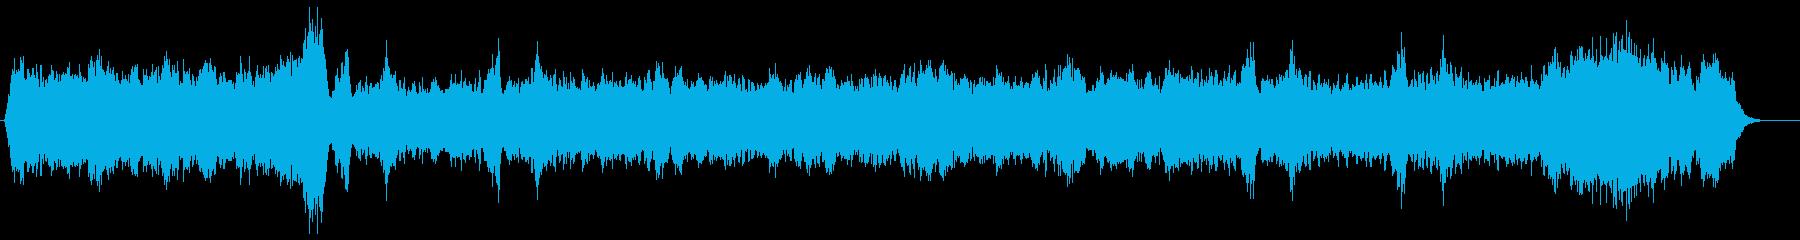 60年代ミュージカル風オーケストラの再生済みの波形